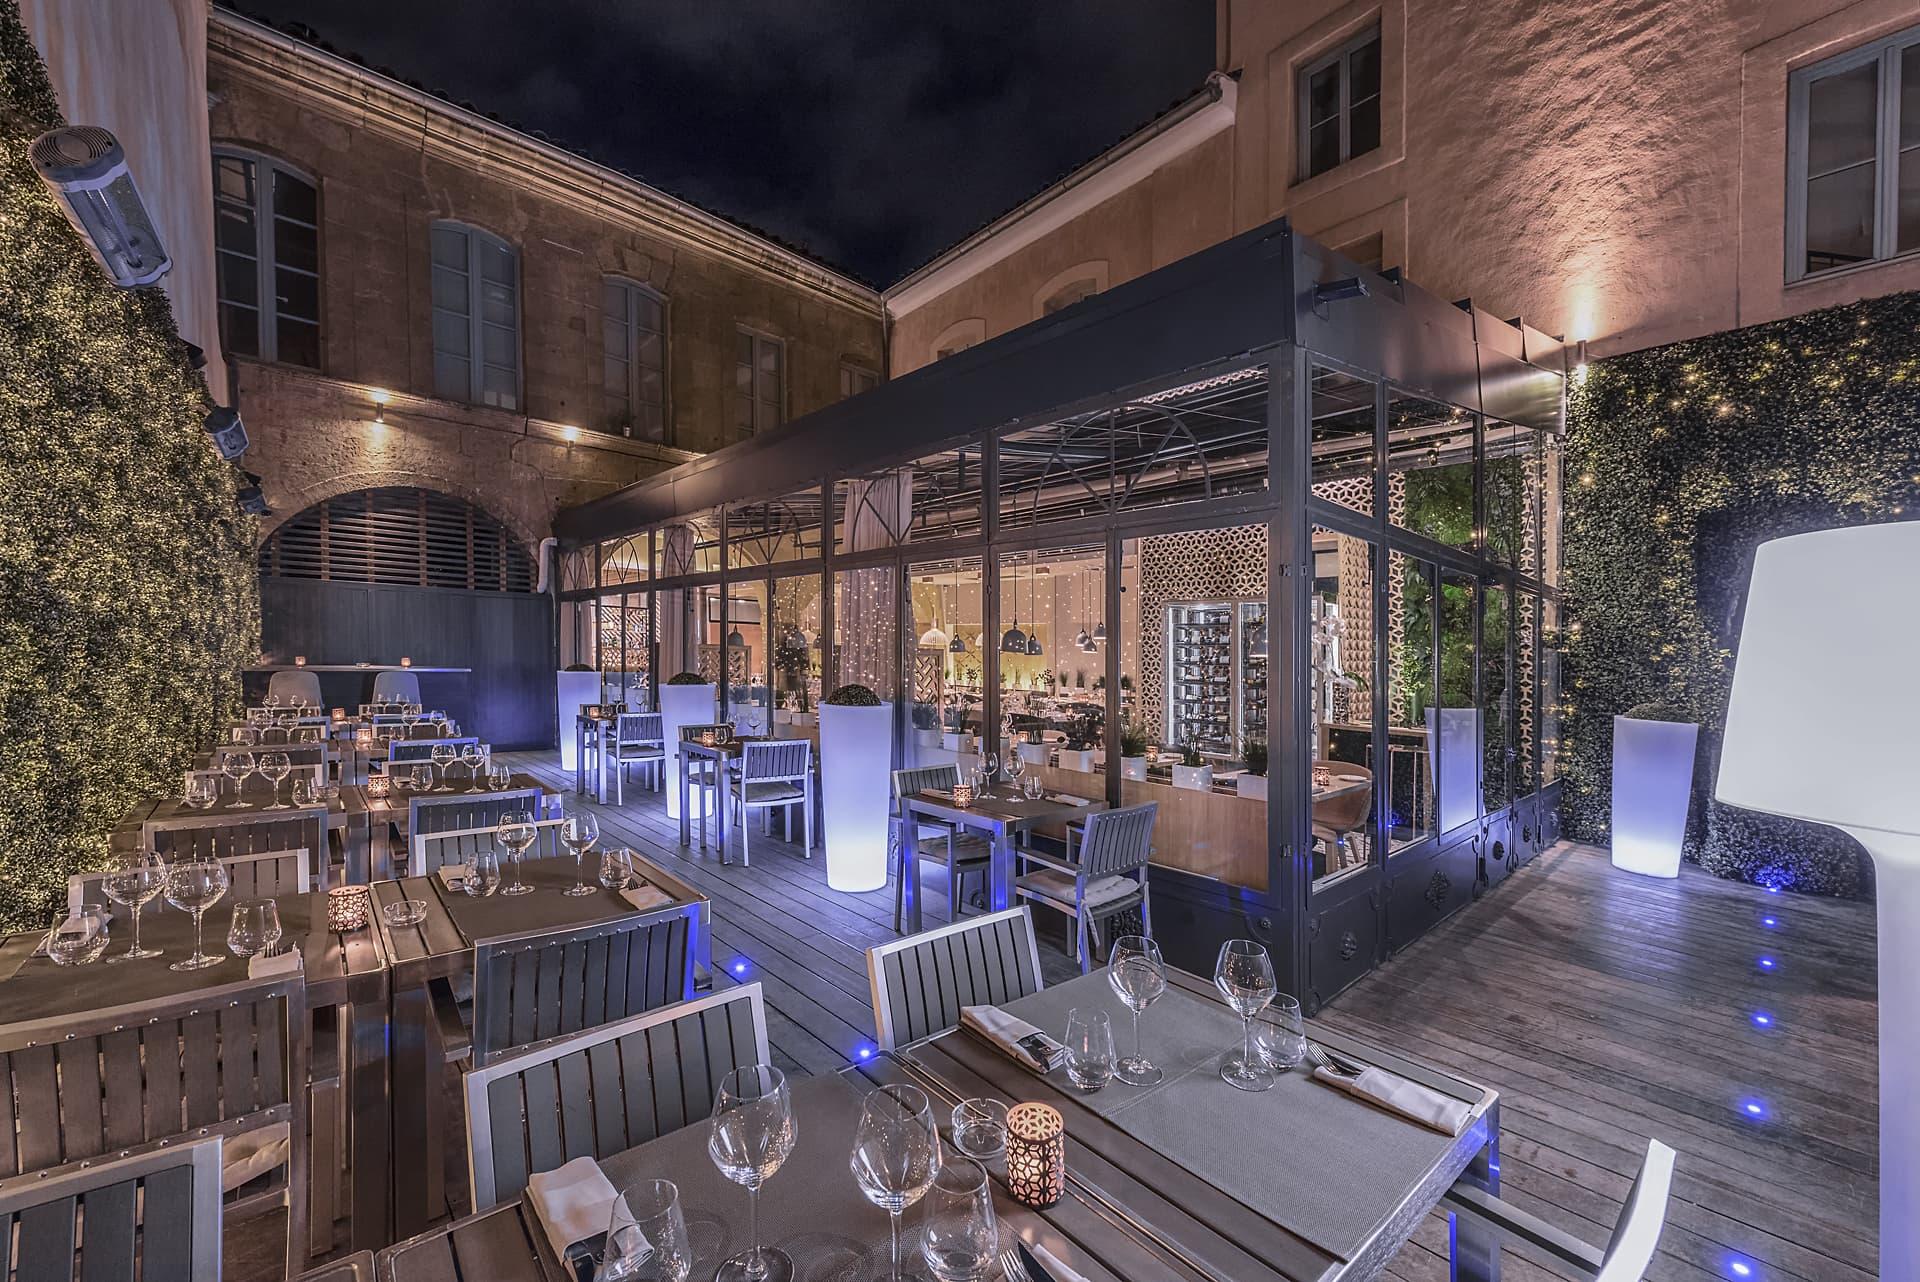 Eclairage extérieur de la terrasse du restaurant côté cour